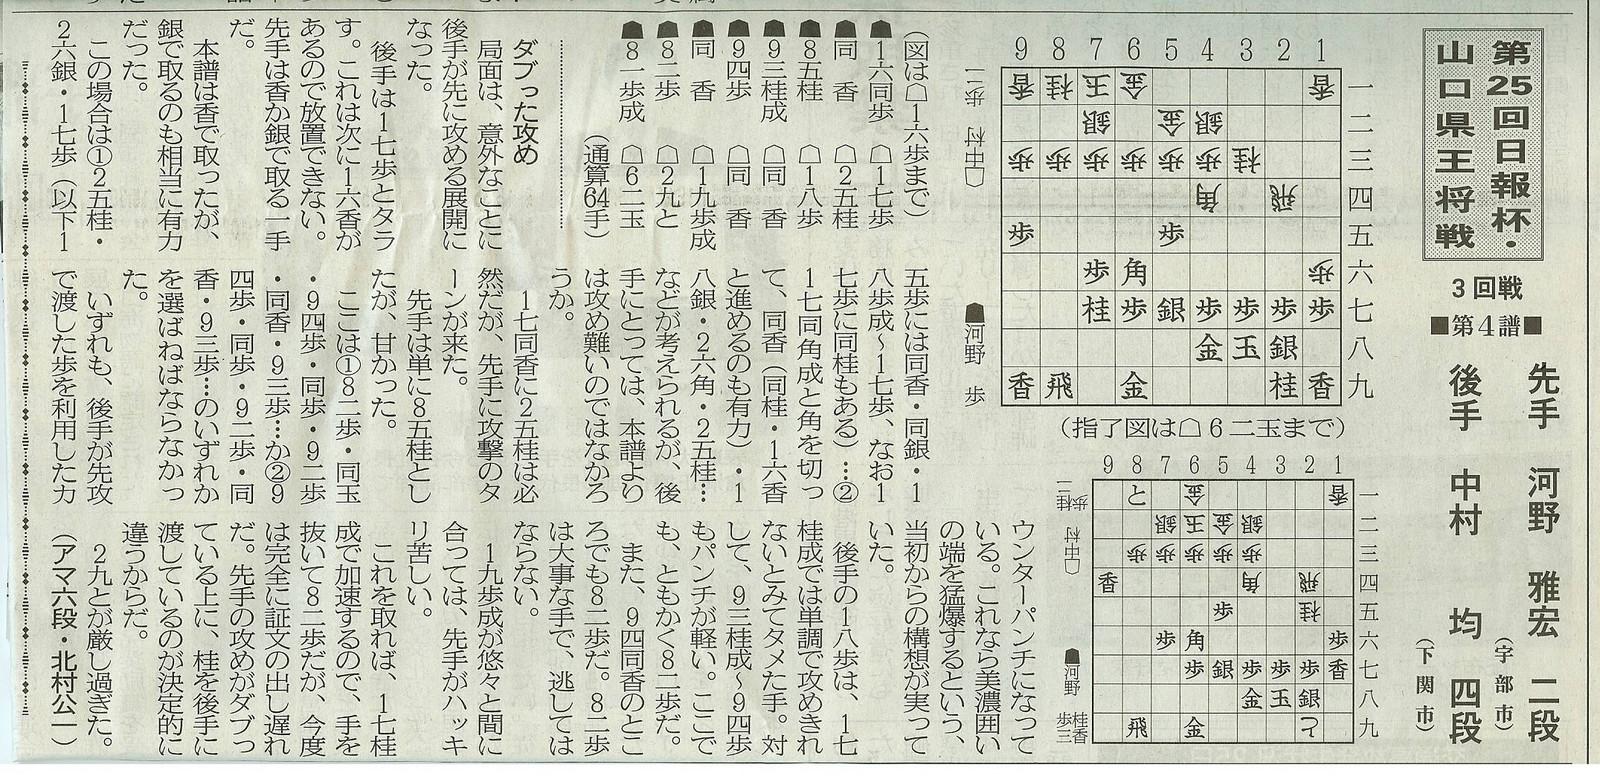 第25回日報杯・山口県王将戦第3回戦■第4譜■